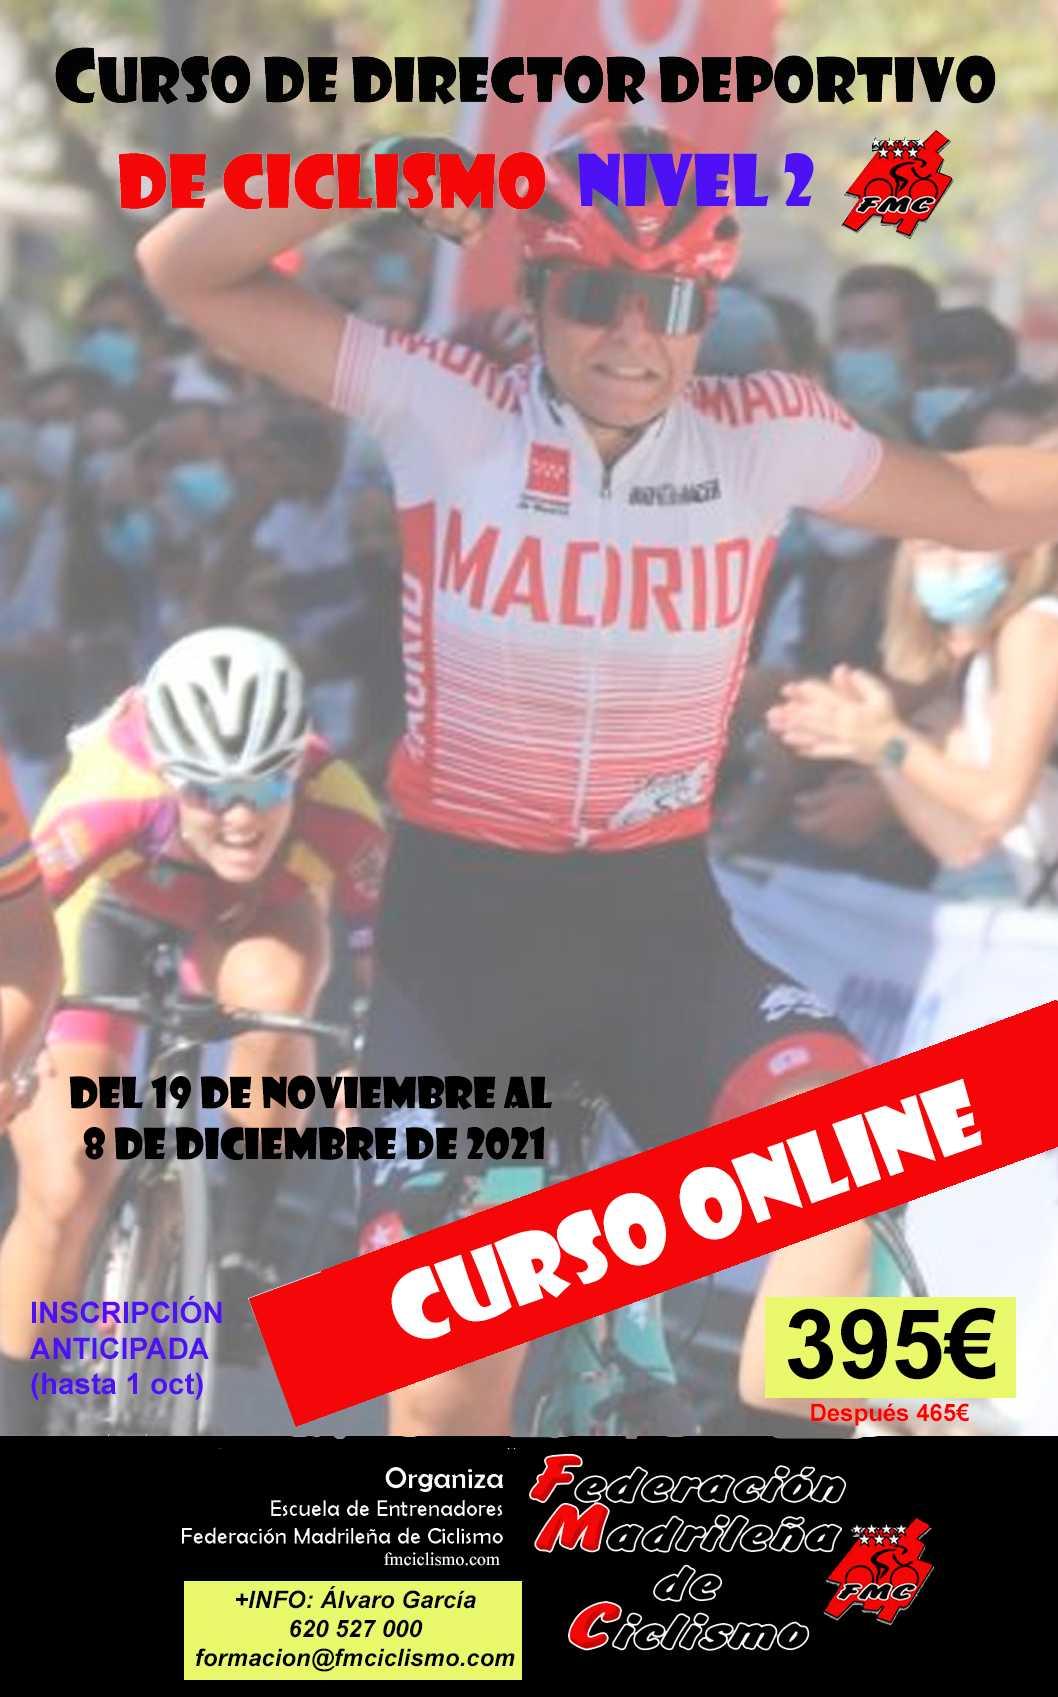 Disponibles los Cursos de Director Deportivo Nivel I y II online